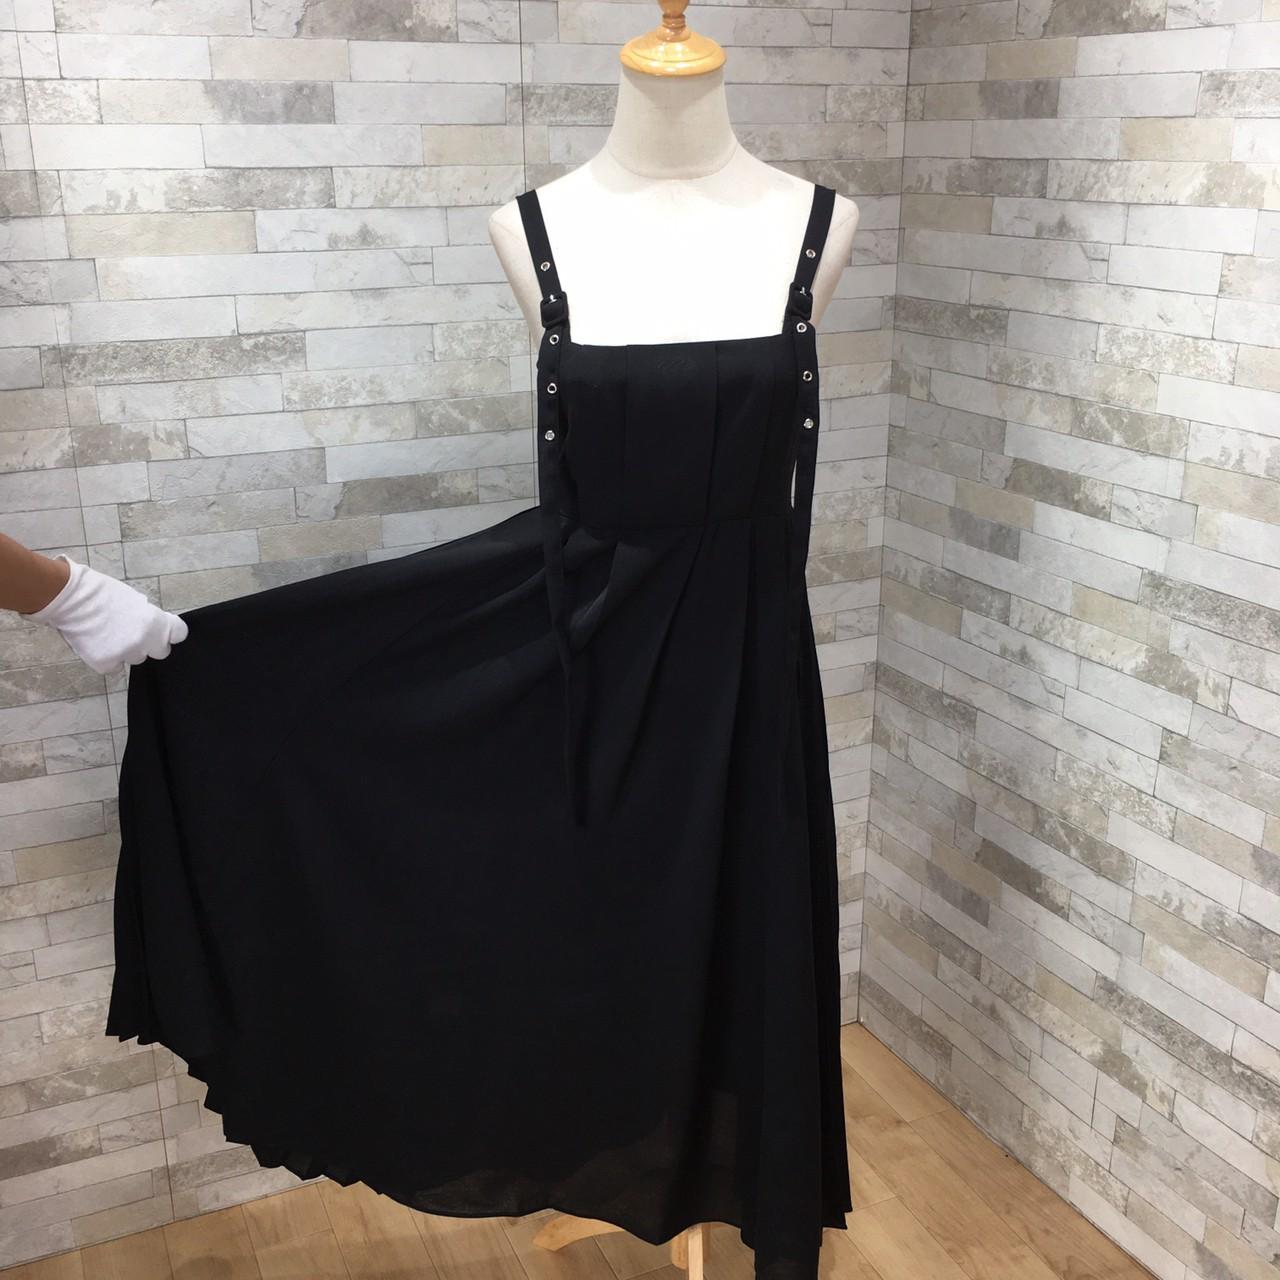 韓国 ファッション ワンピース 春 夏 秋 カジュアル PTXI015  タック ドレープ ジャンパースカート 着回し オルチャン シンプル 定番 セレカジの写真17枚目